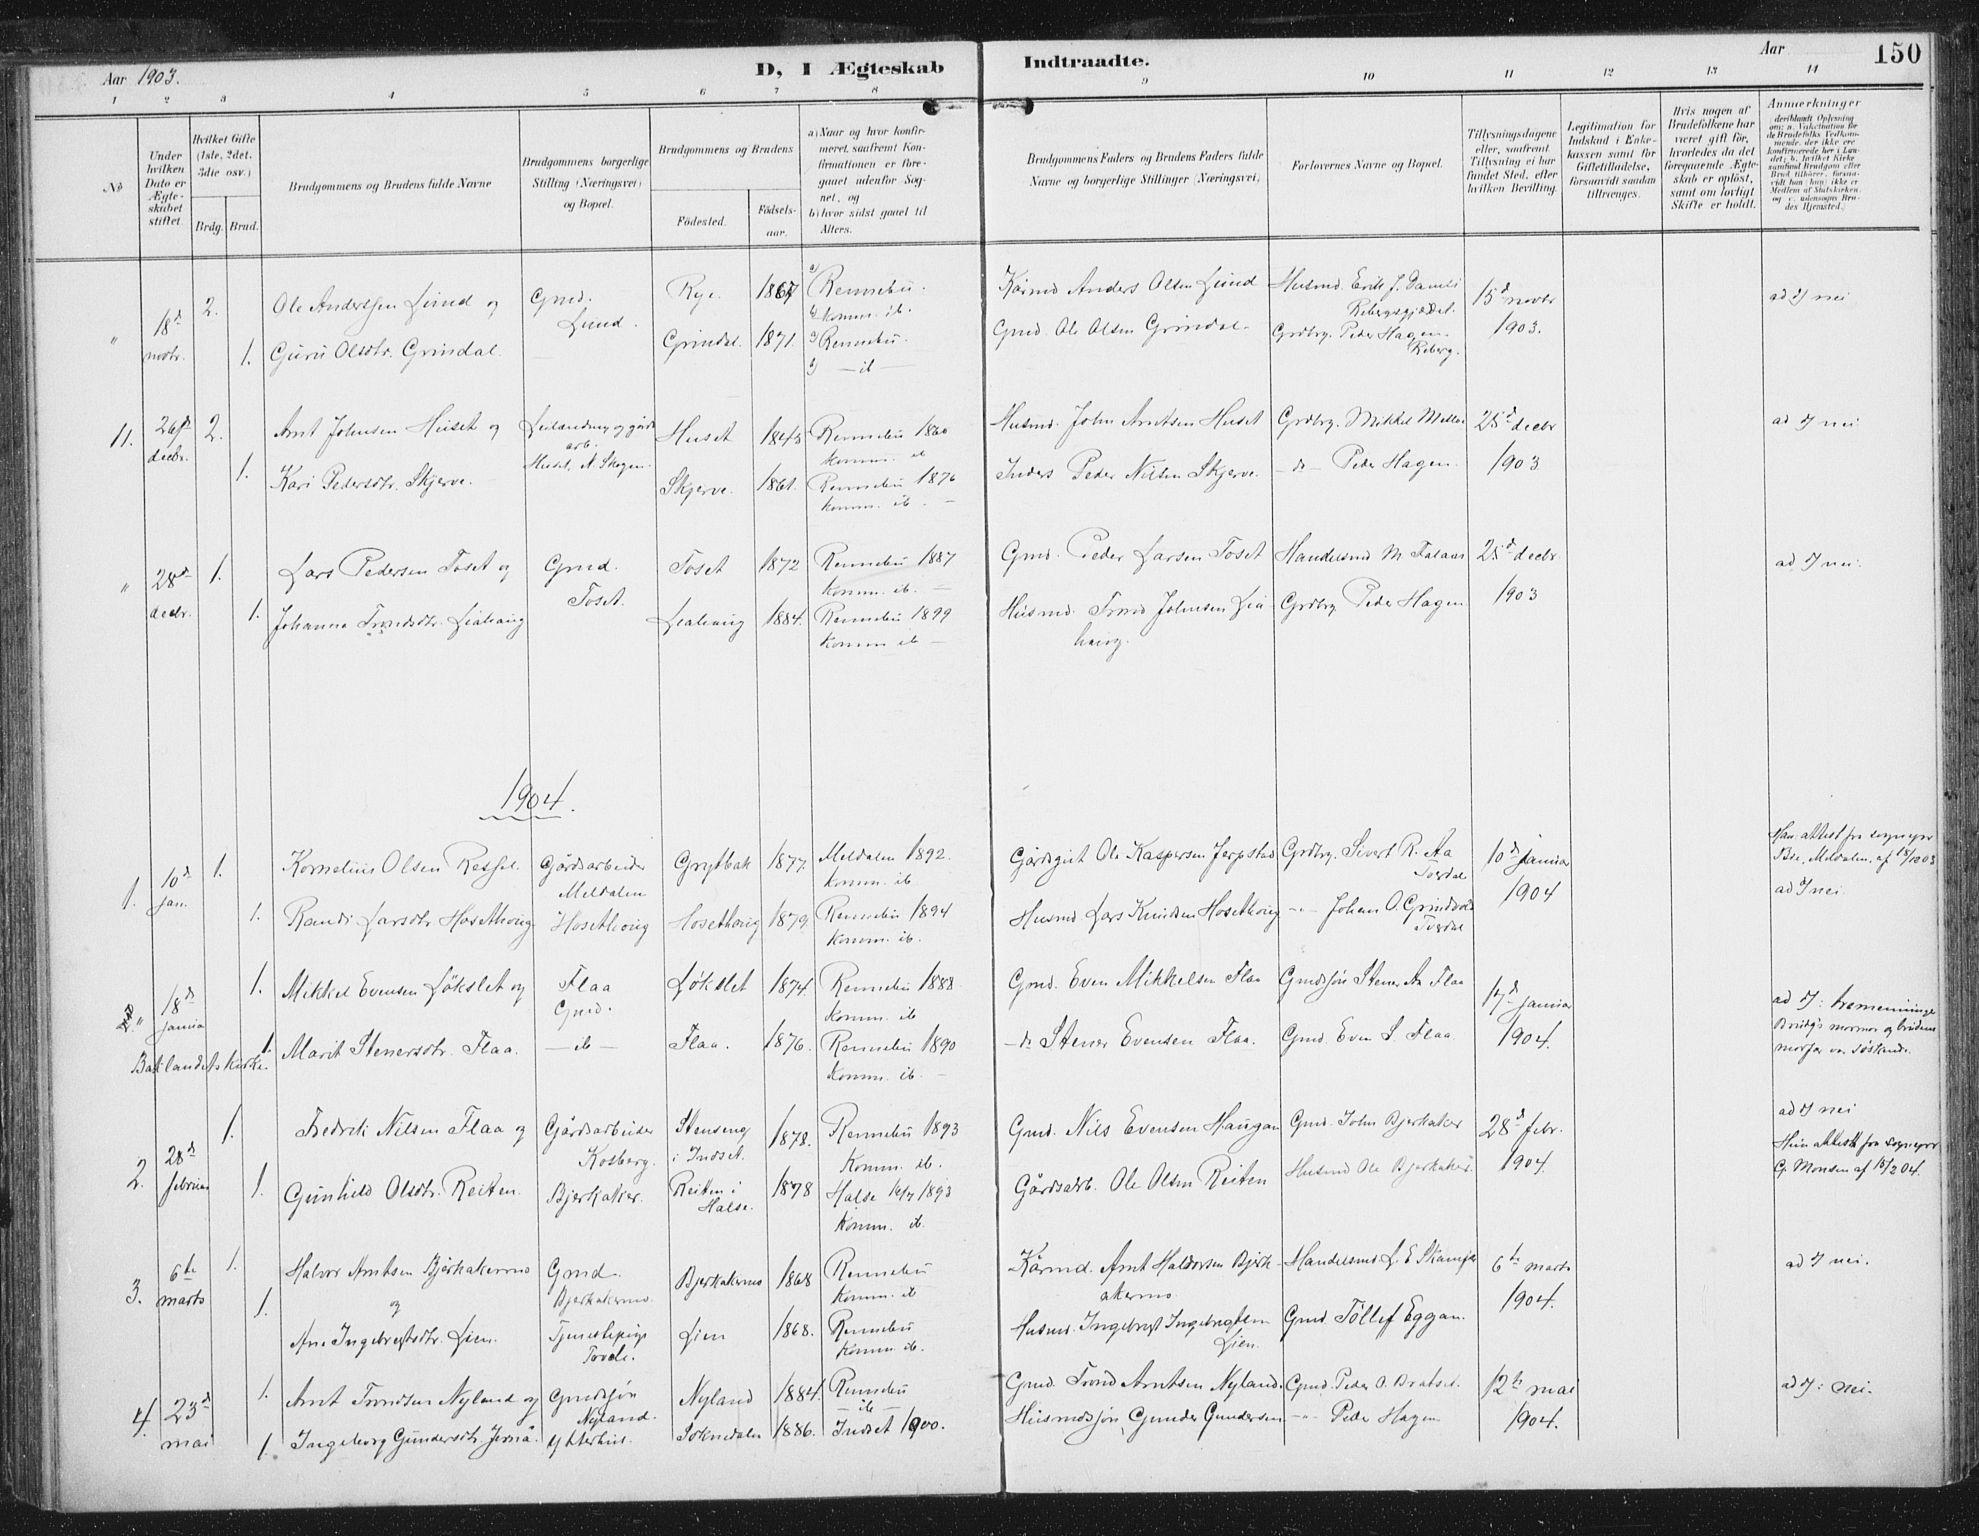 SAT, Ministerialprotokoller, klokkerbøker og fødselsregistre - Sør-Trøndelag, 674/L0872: Ministerialbok nr. 674A04, 1897-1907, s. 150